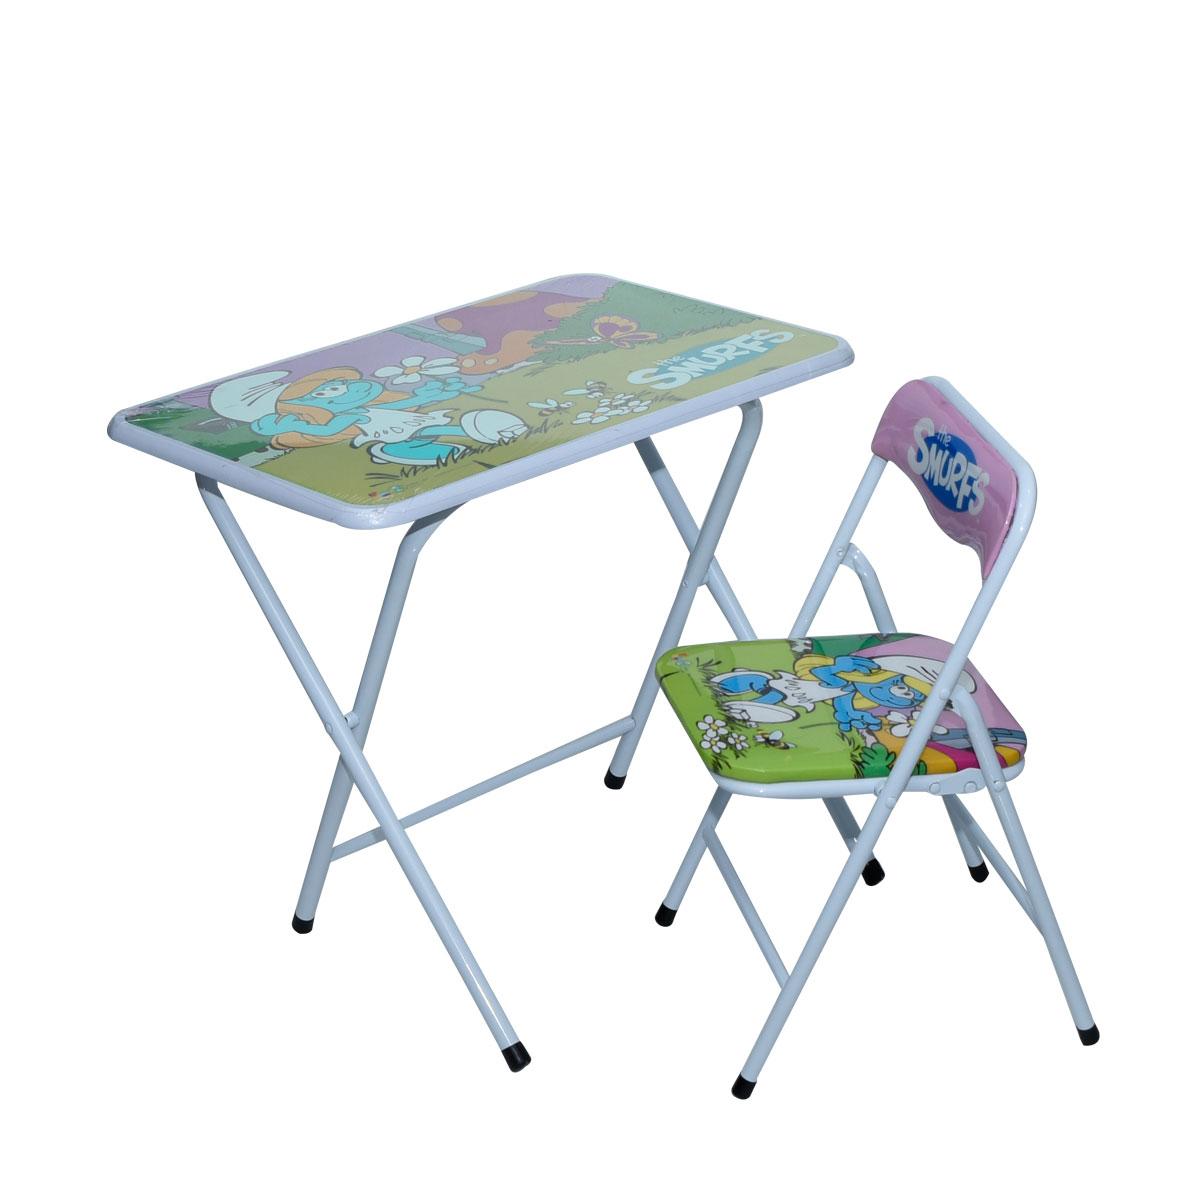 طاولة اطفال مدرسية- السنافر وردي خشب بقواعد من الحديد + كرسي